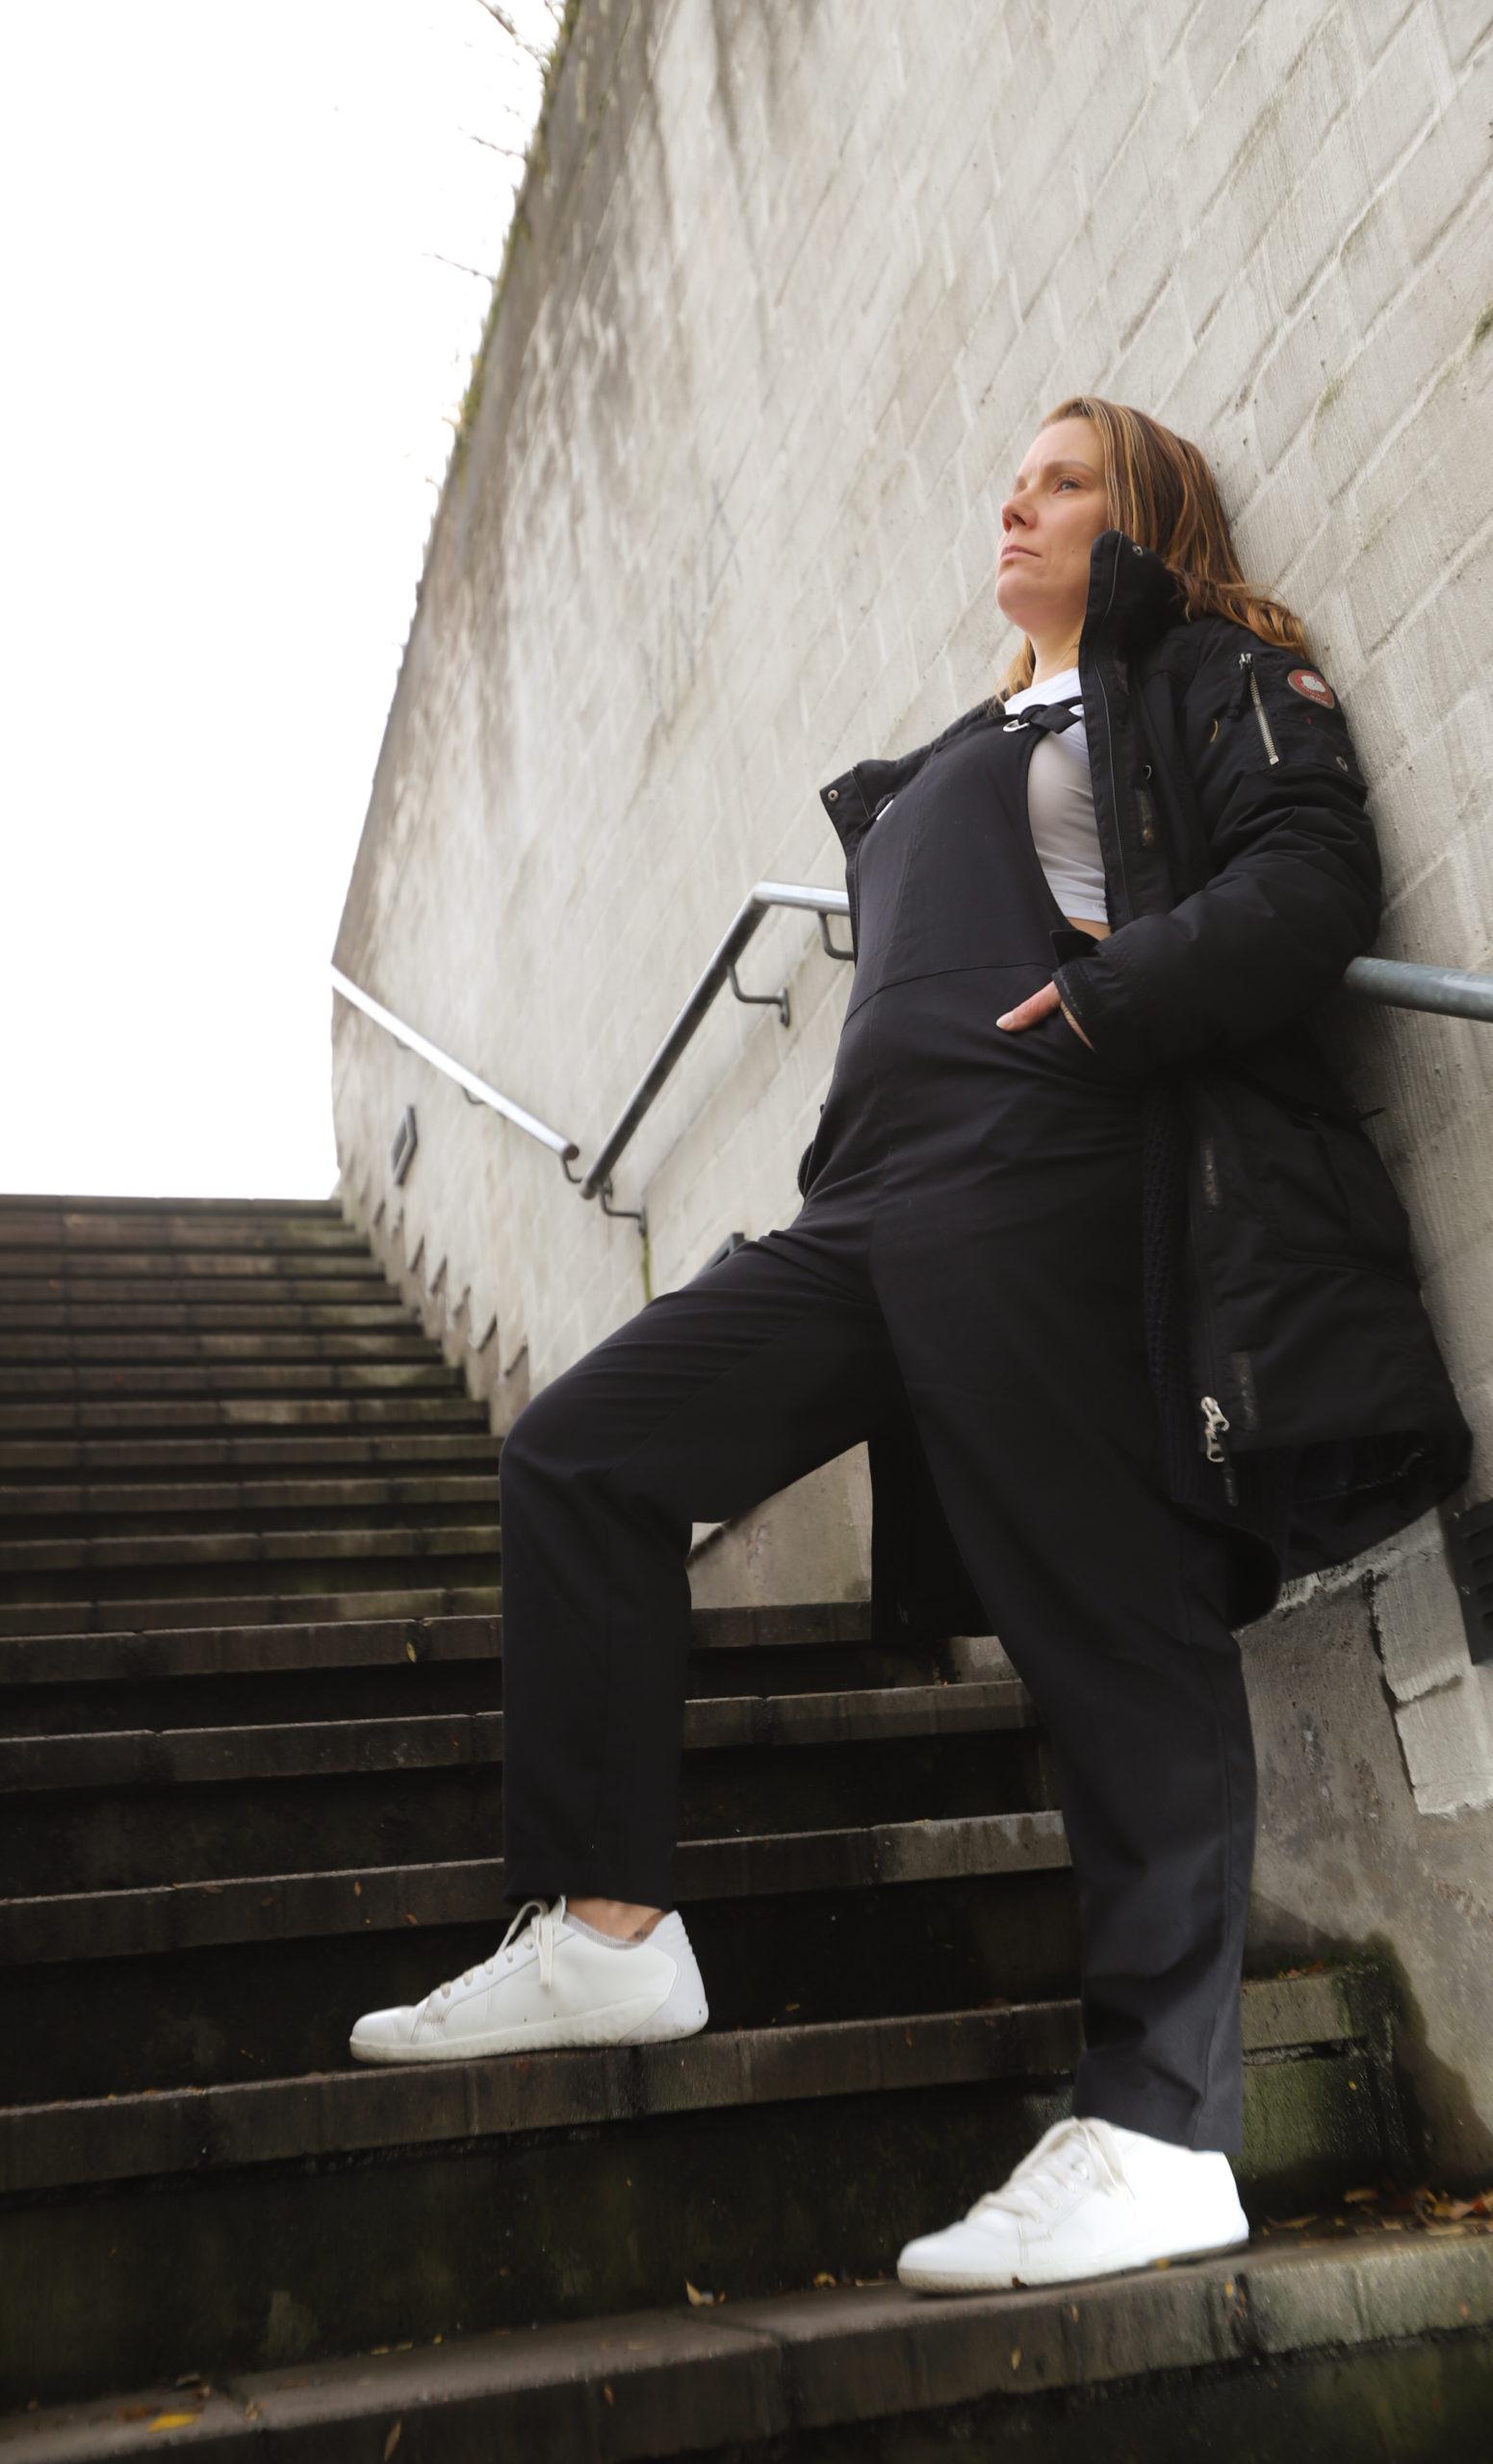 Nainen nojaamassa ulkona portaikossa seinää vasten